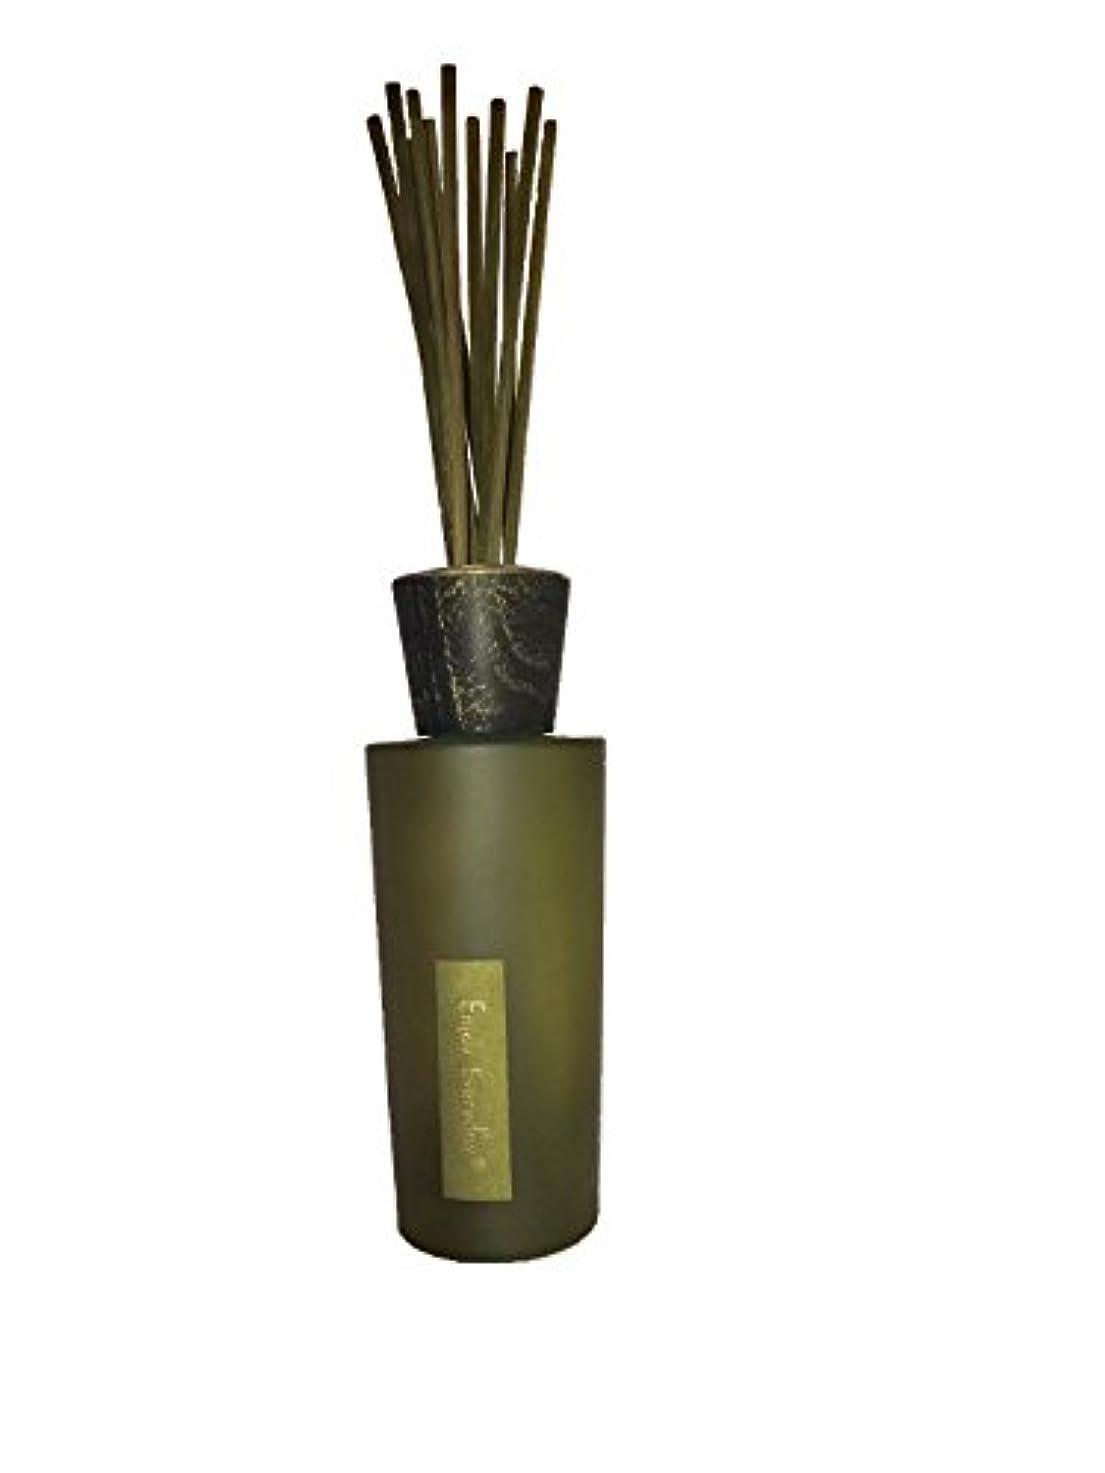 ラック浮浪者退化する40%OFF!【Branch of Aroma】100%天然アロマスティックディフューザー-9種の香り- (200ml) (わくわくFruit)